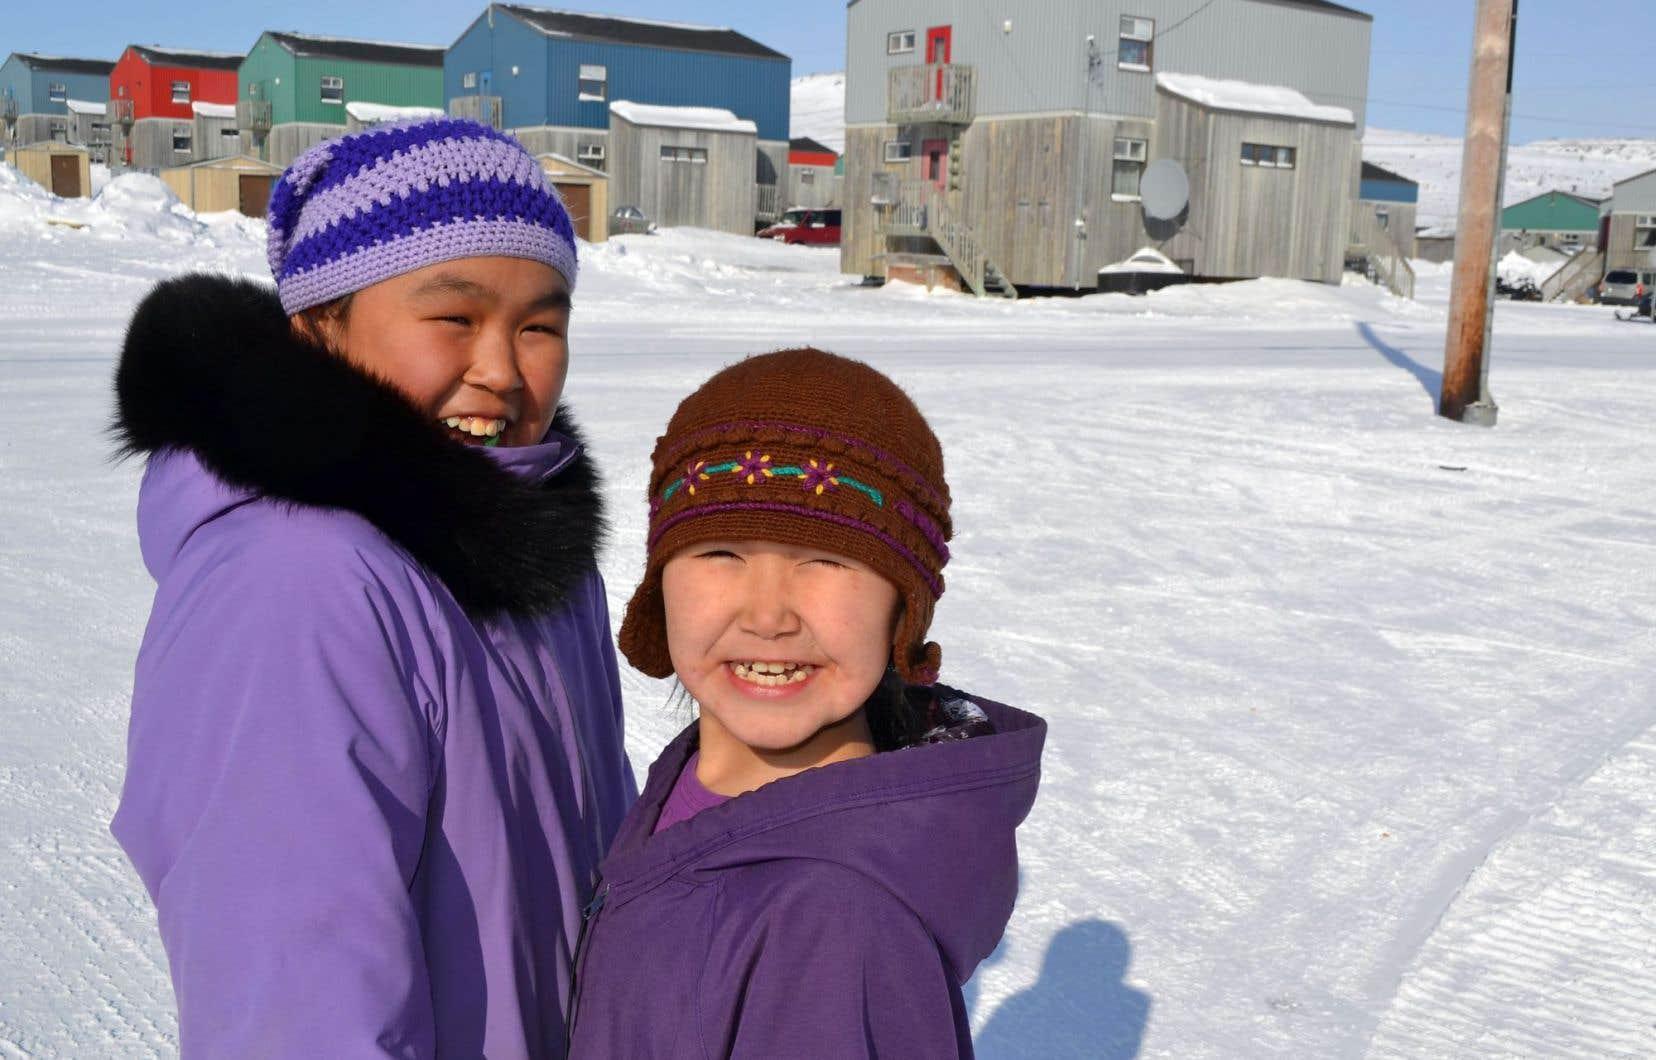 Dans les communautés inuit du Nunavik, à l'extrême-nord du Québec, l'inuktitut est encore très vivant.